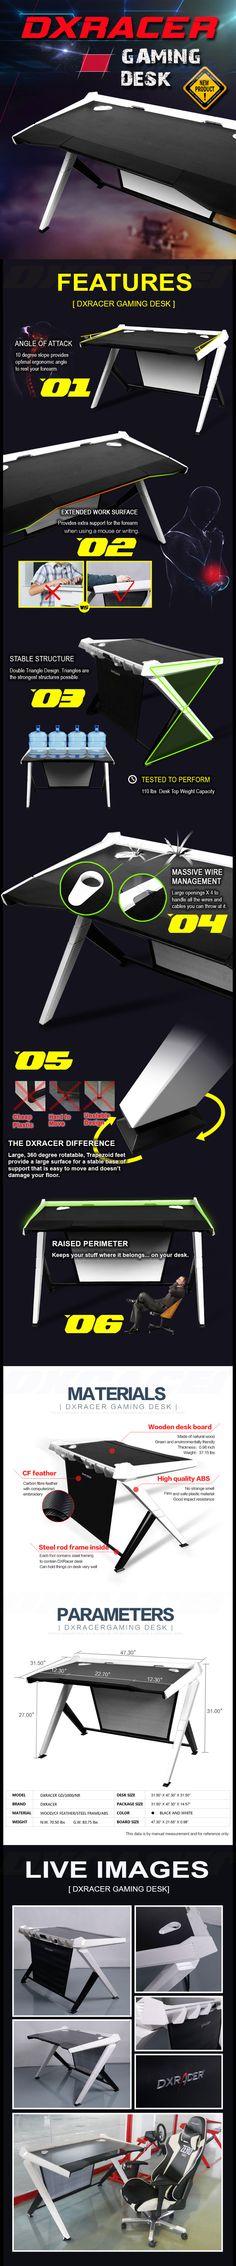 GD/1000/NW - Gaming Desk - Computer Desk | DXRacer Official Website